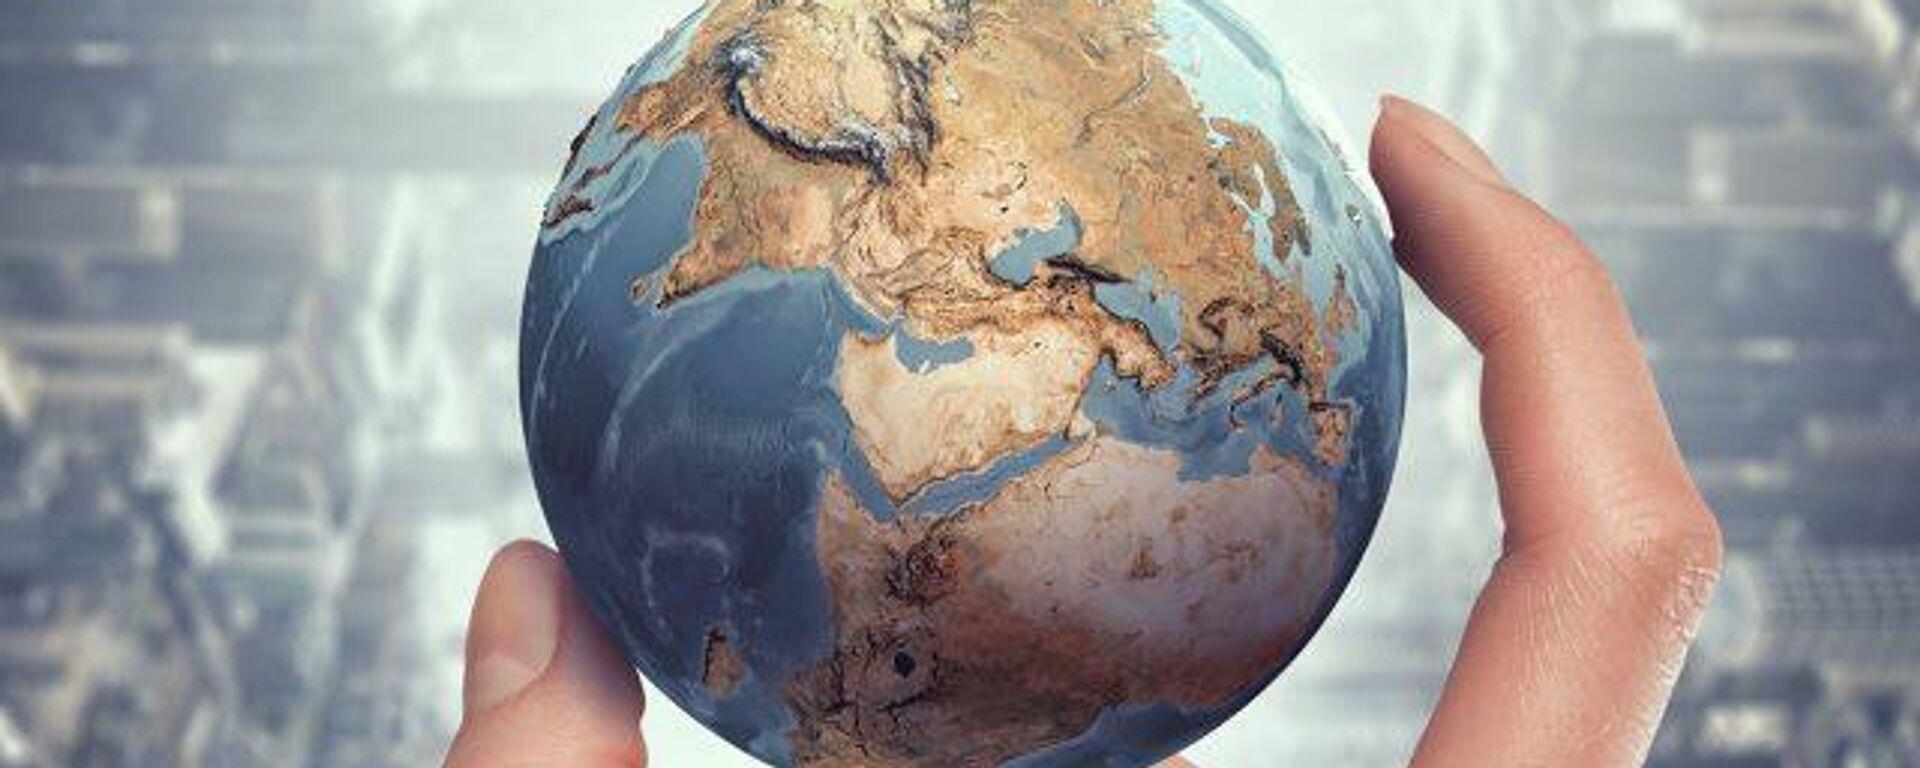 ¿La Celac podrá sustituir a la OEA? - Sputnik Mundo, 1920, 17.09.2021